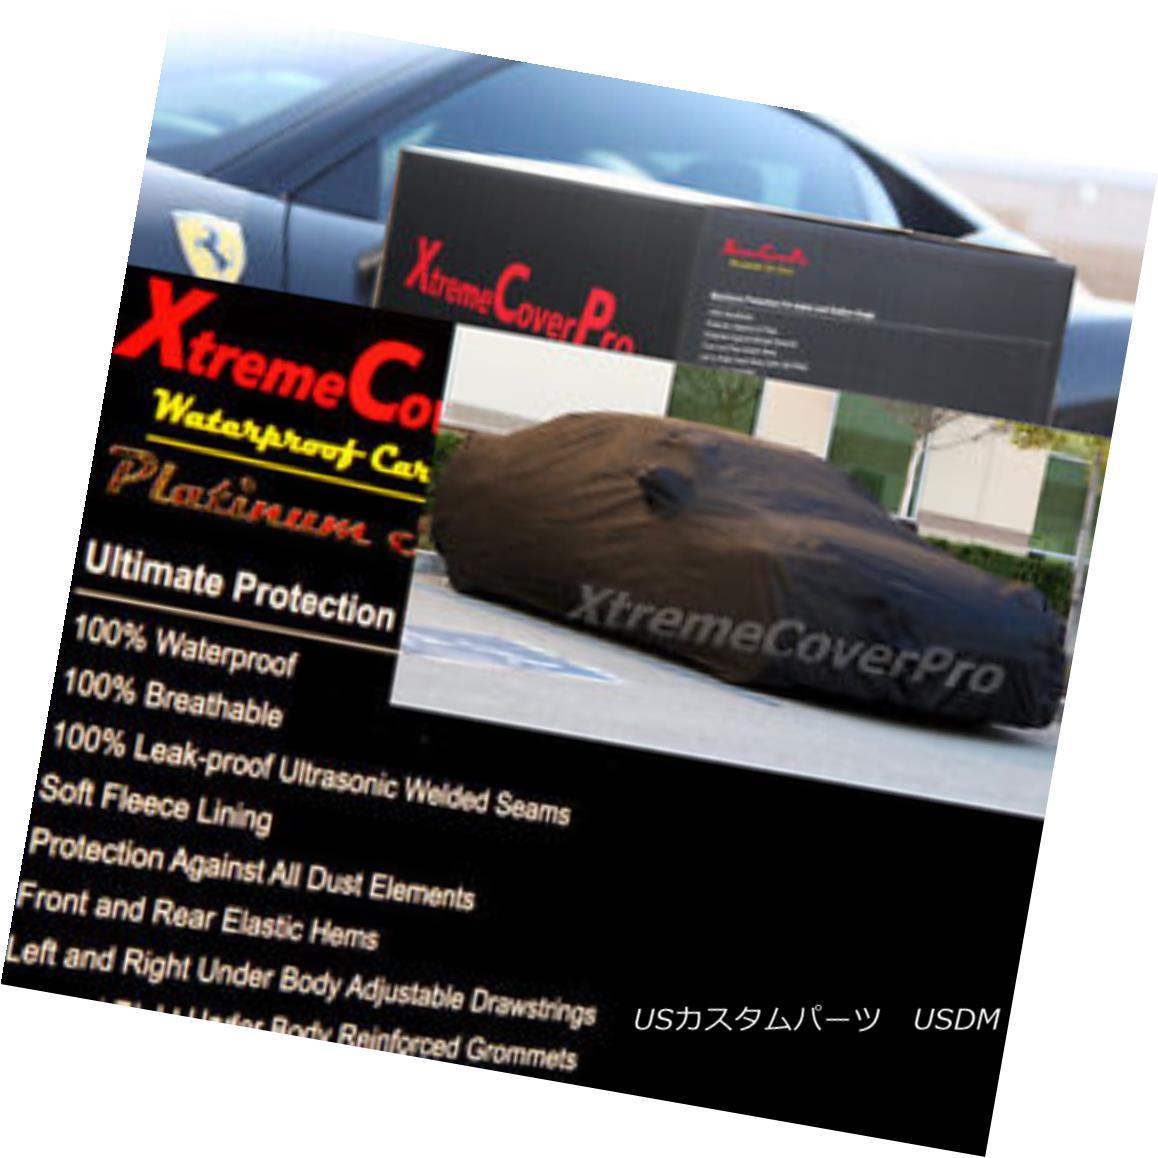 カーカバー 1988 1989 1990 Lincoln Continental Waterproof Car Cover w/MirrorPocket 1988年1989年1990年MirrorPocket付きリンカーンコンチネンタル防水カーカバー